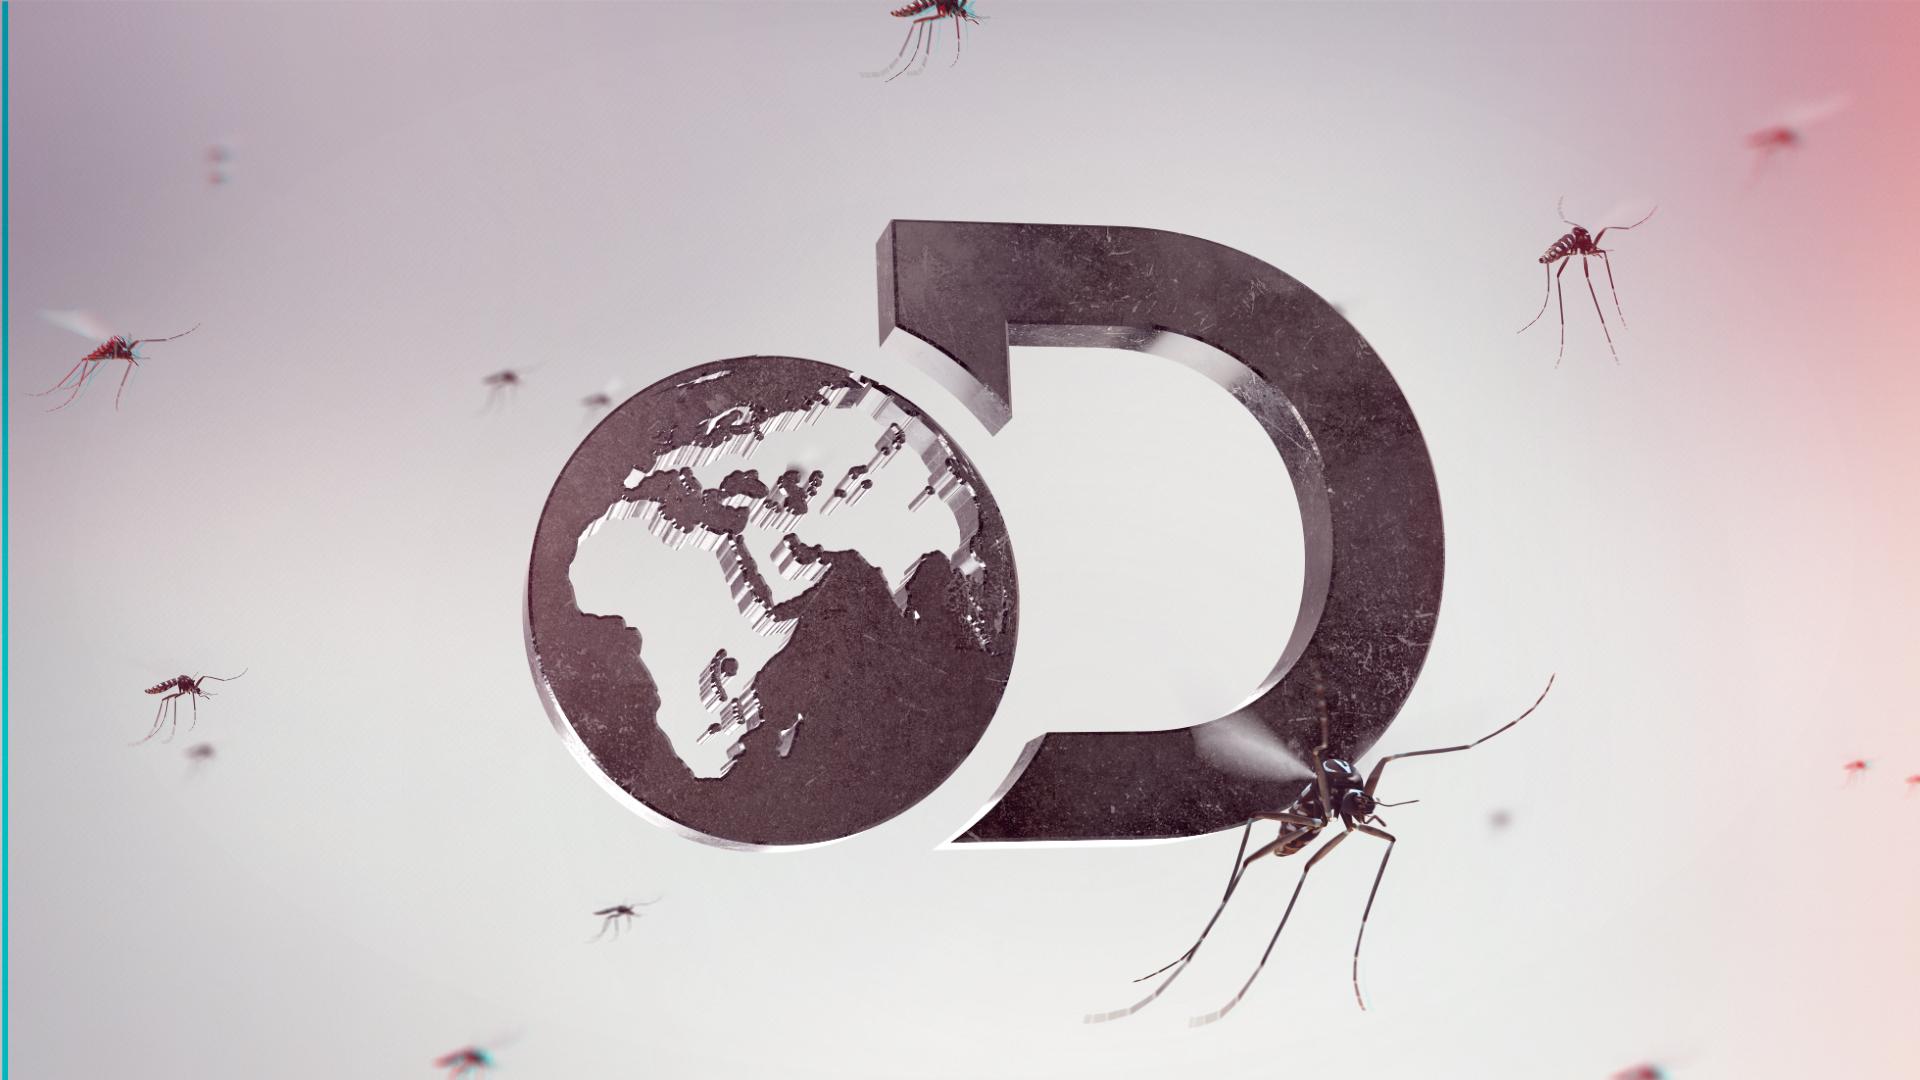 DCUK_Mosquito_Ident 3 (0-00-02-12).jpg